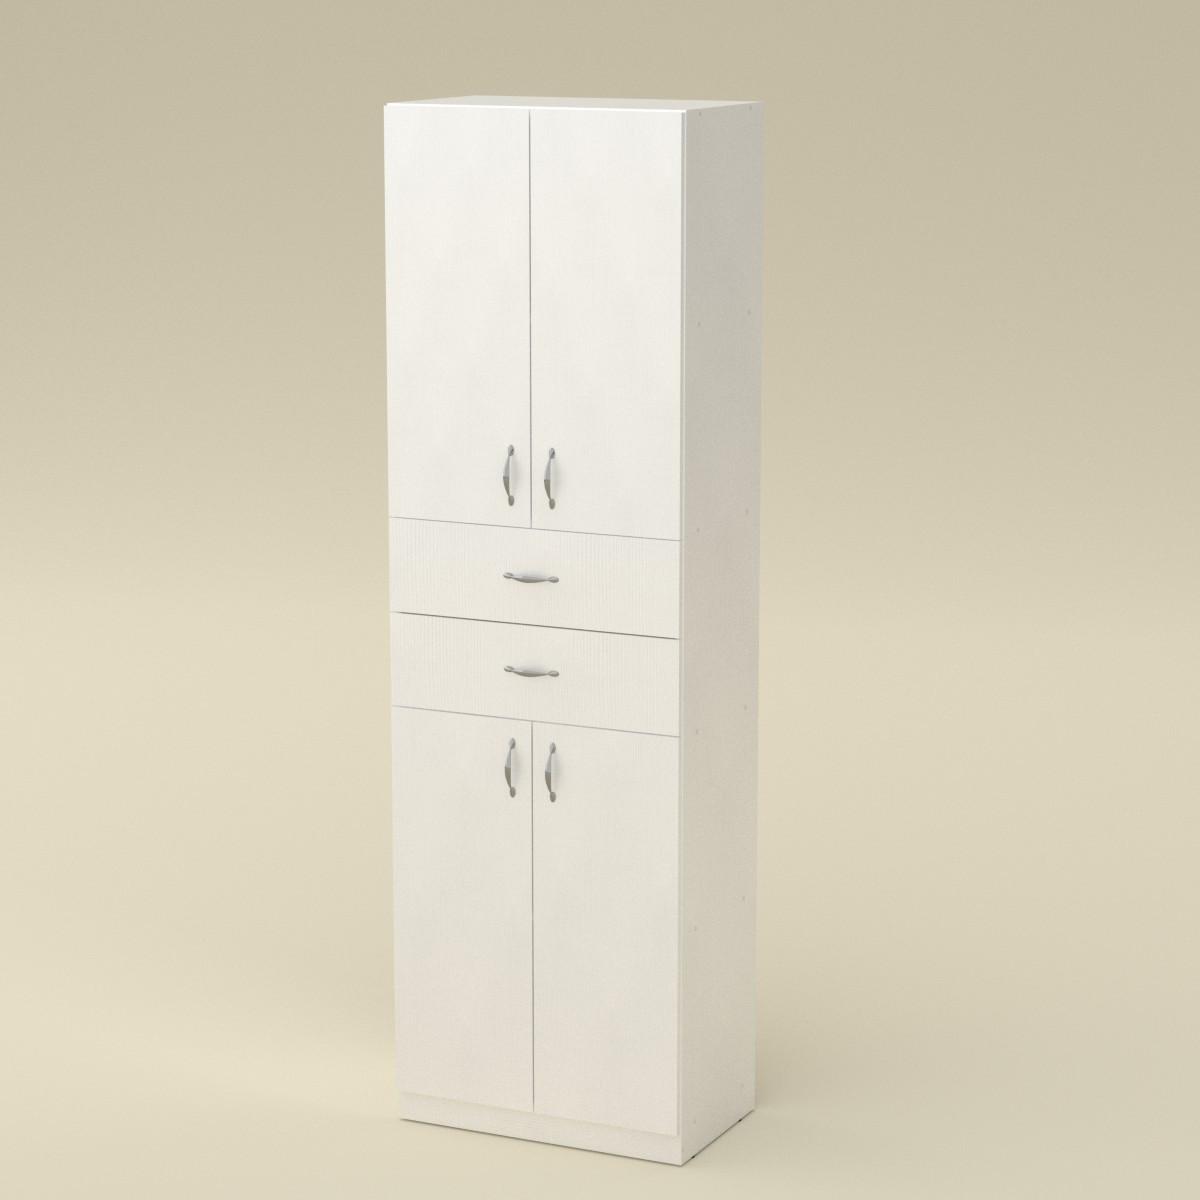 Шкаф книжный КШ-11 нимфея альба (белый) Компанит (60х37х195 см)